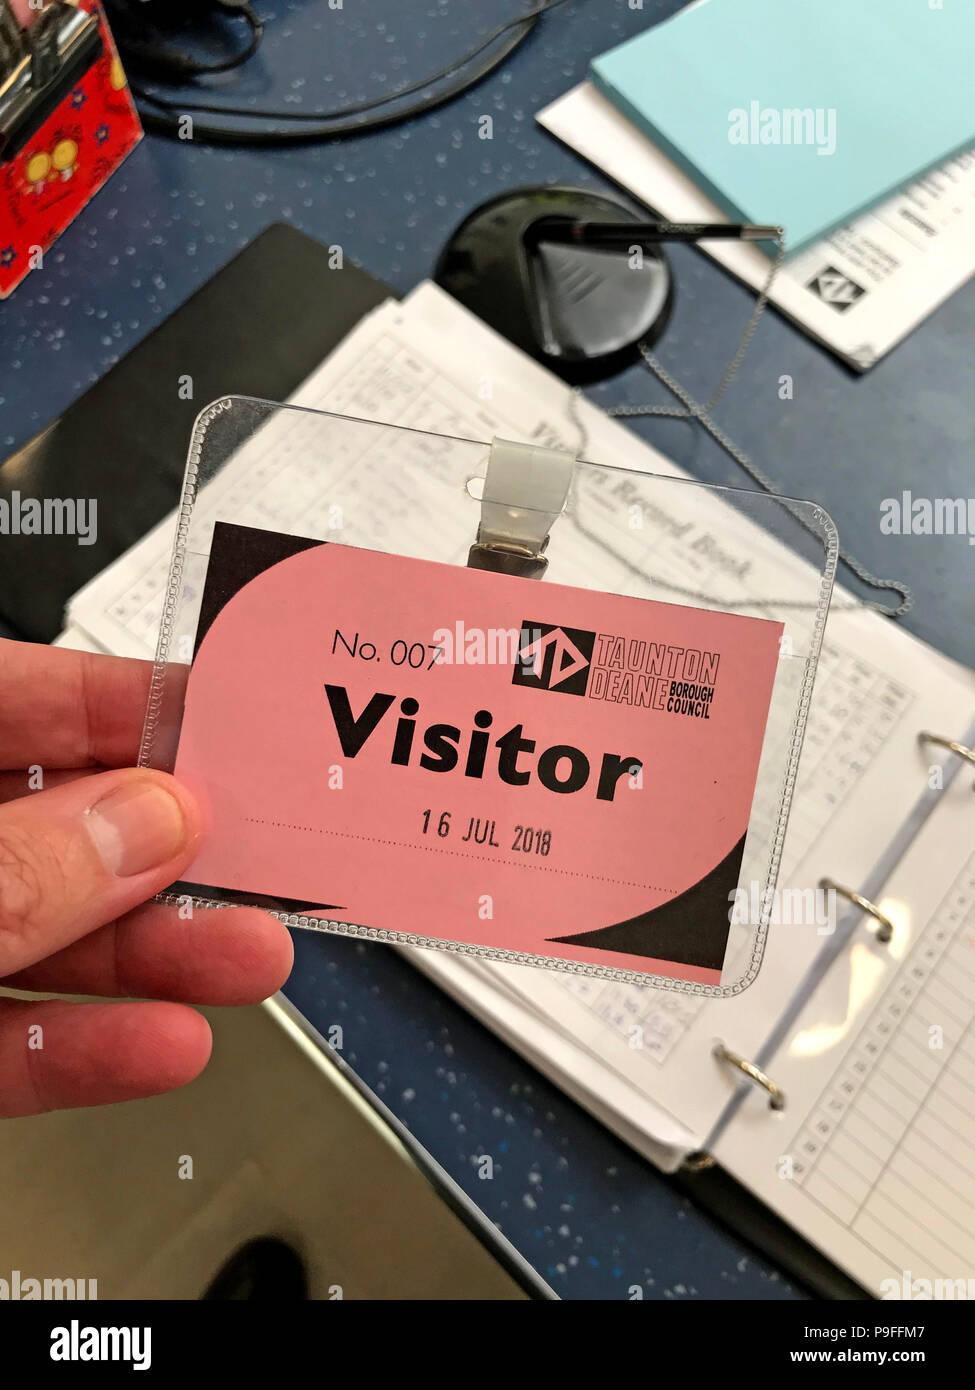 Laden Sie dieses Alamy Stockfoto Büro Besucherausweis 007, Rat Rezeption, England, Großbritannien - P9FFM7